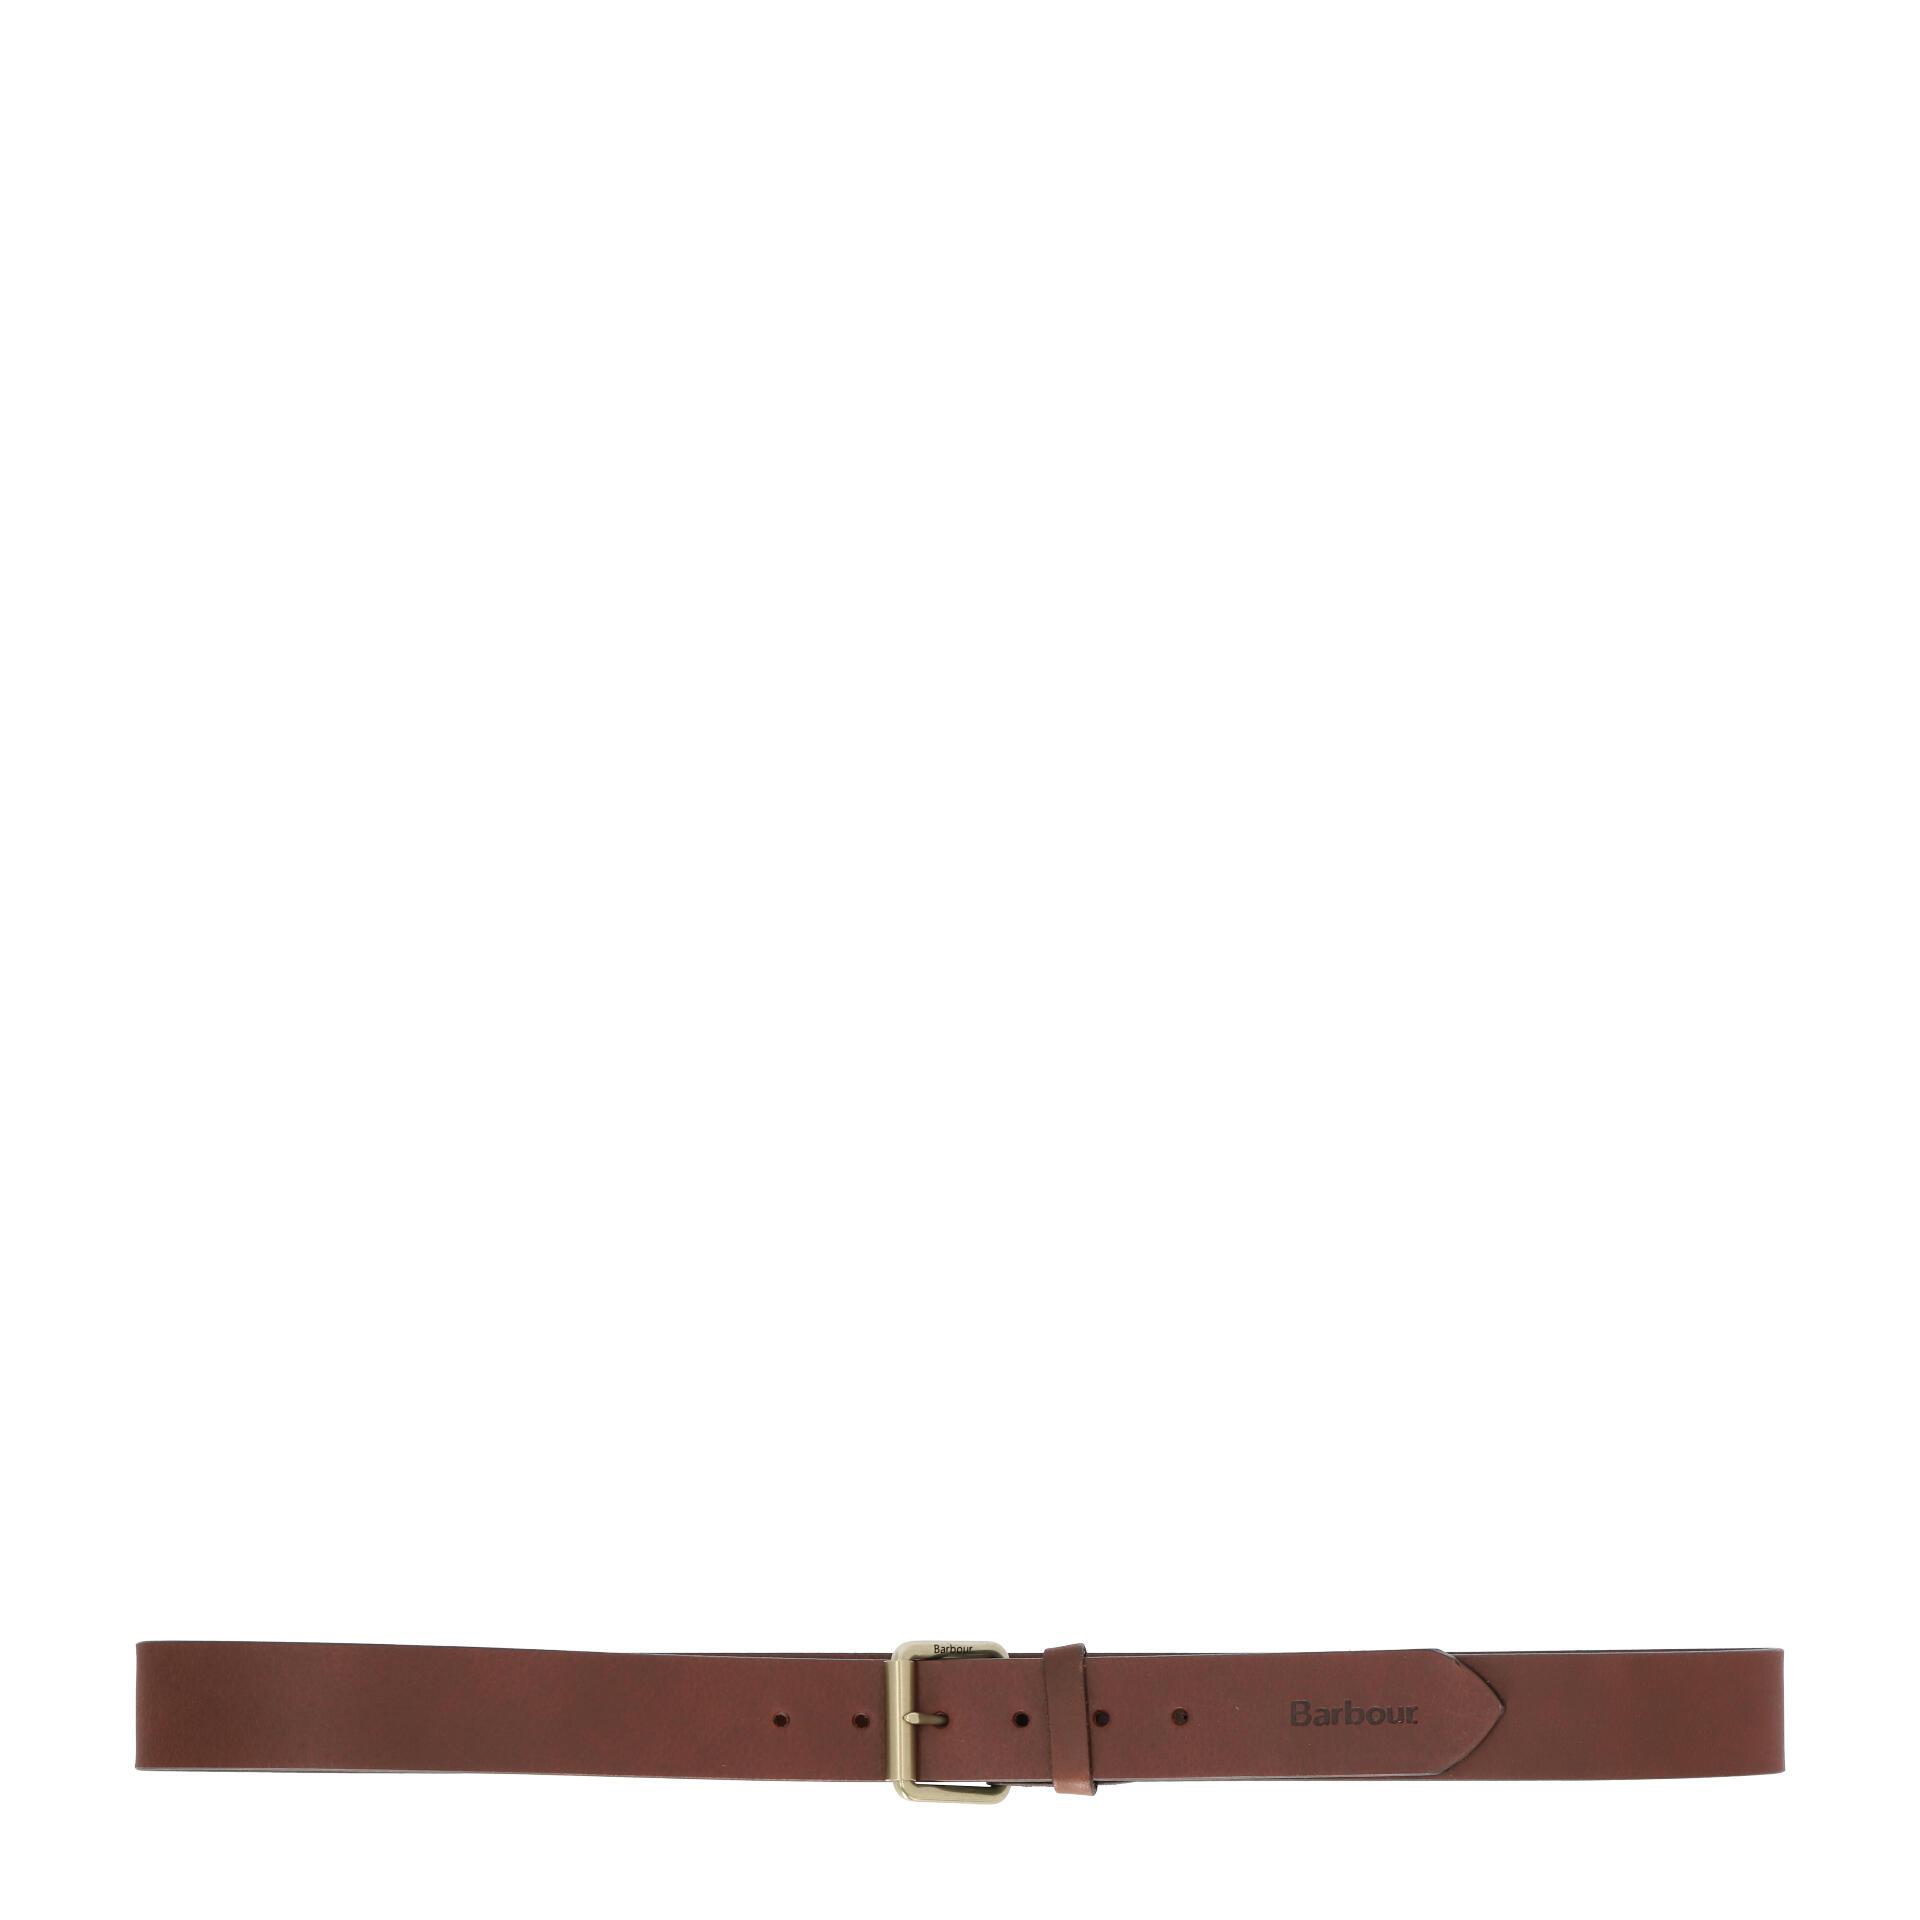 Barbour Contrast Gürtel 120 cm olive brown